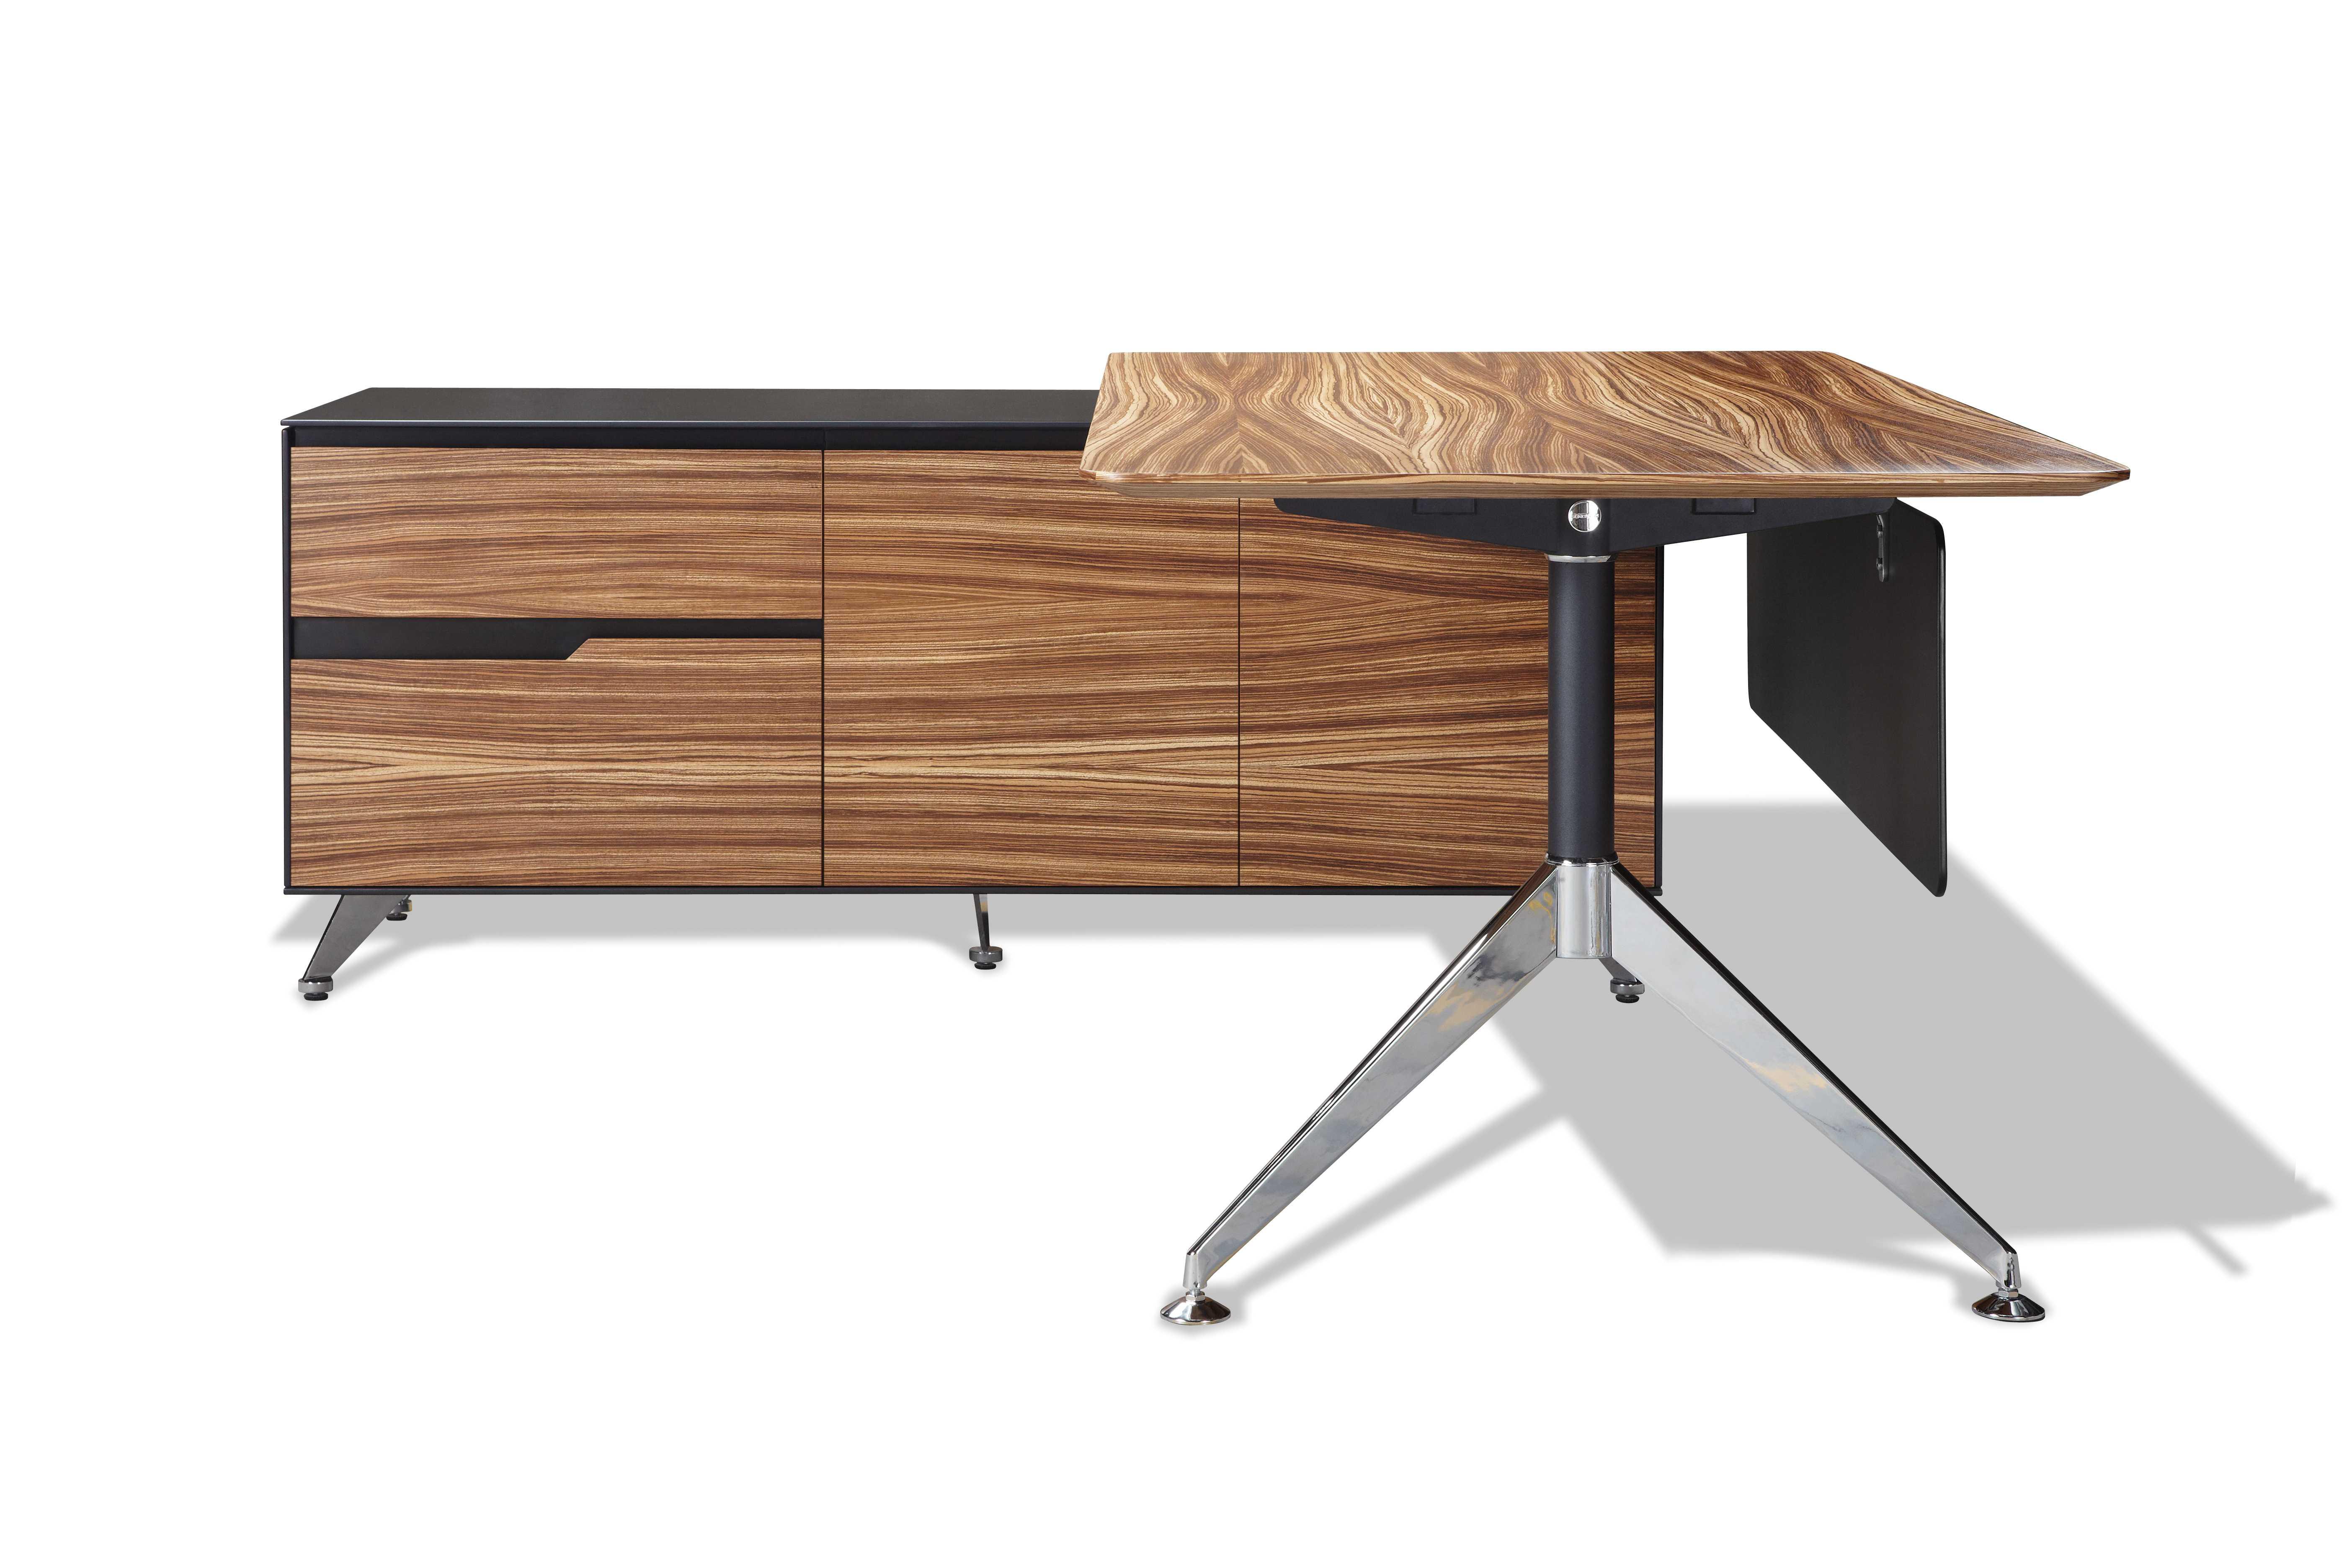 Unique Furniture 400 Series 77 X 73 Zebrano Executive Desk With Left